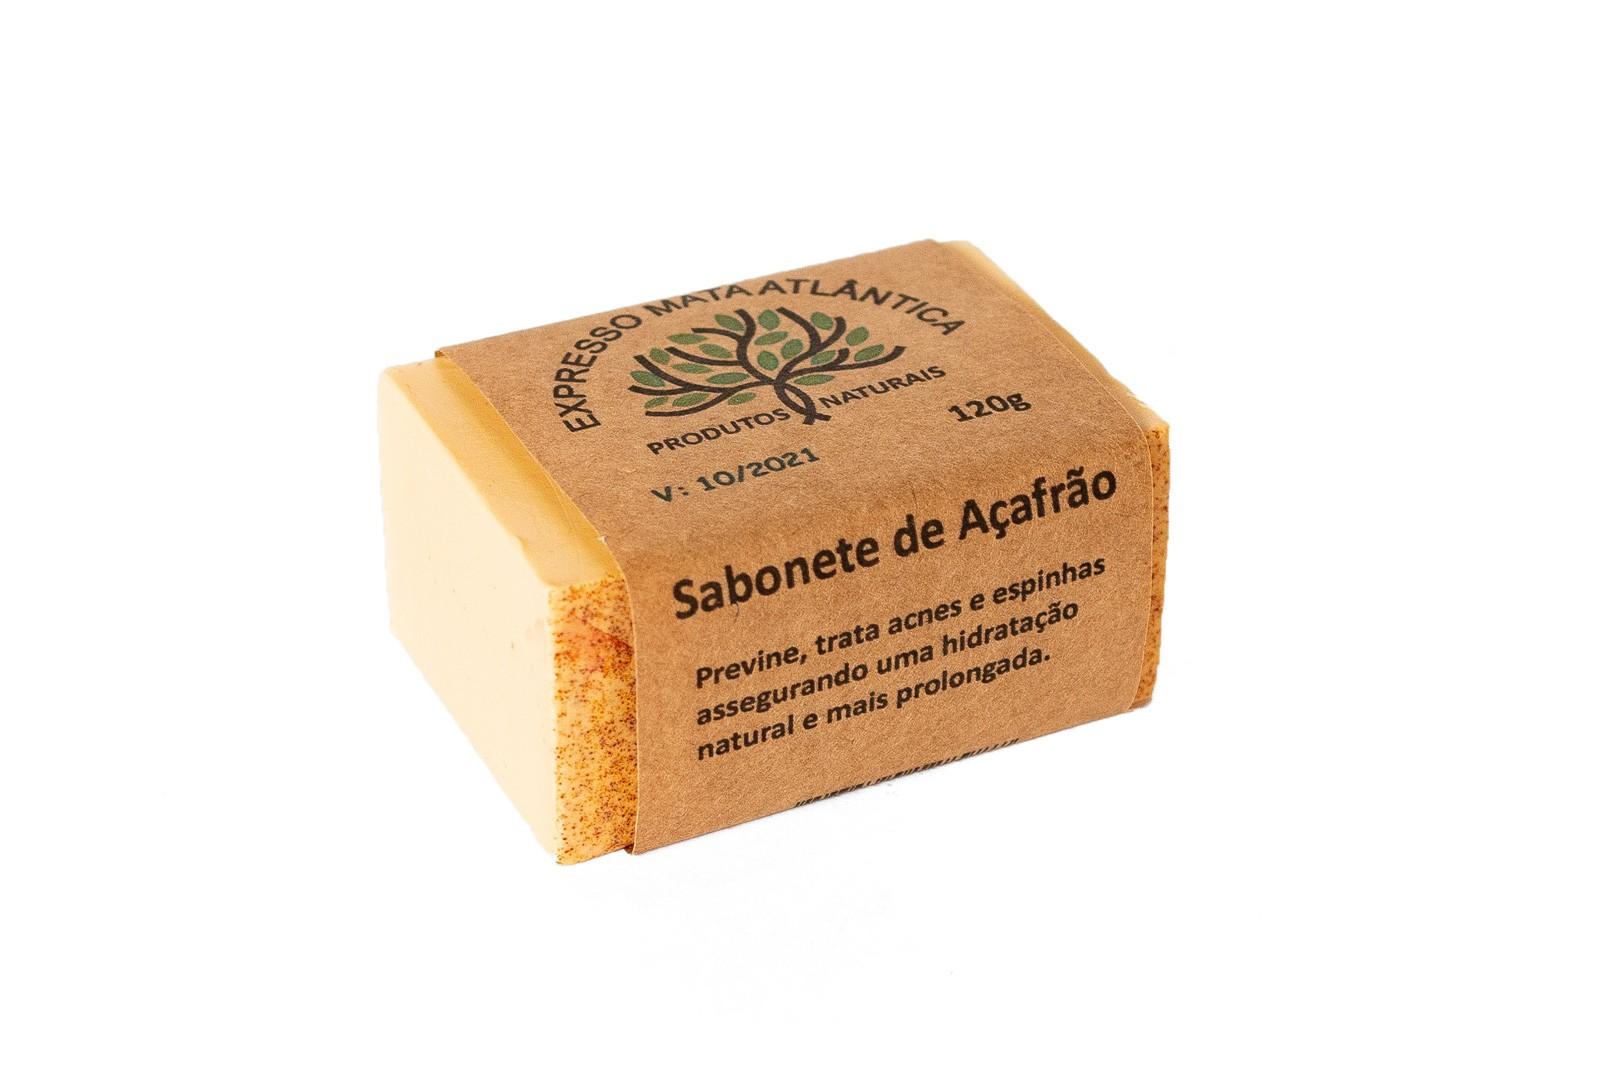 Sabonete Açafrão Natural Vegano da Expresso Mata Atlântica